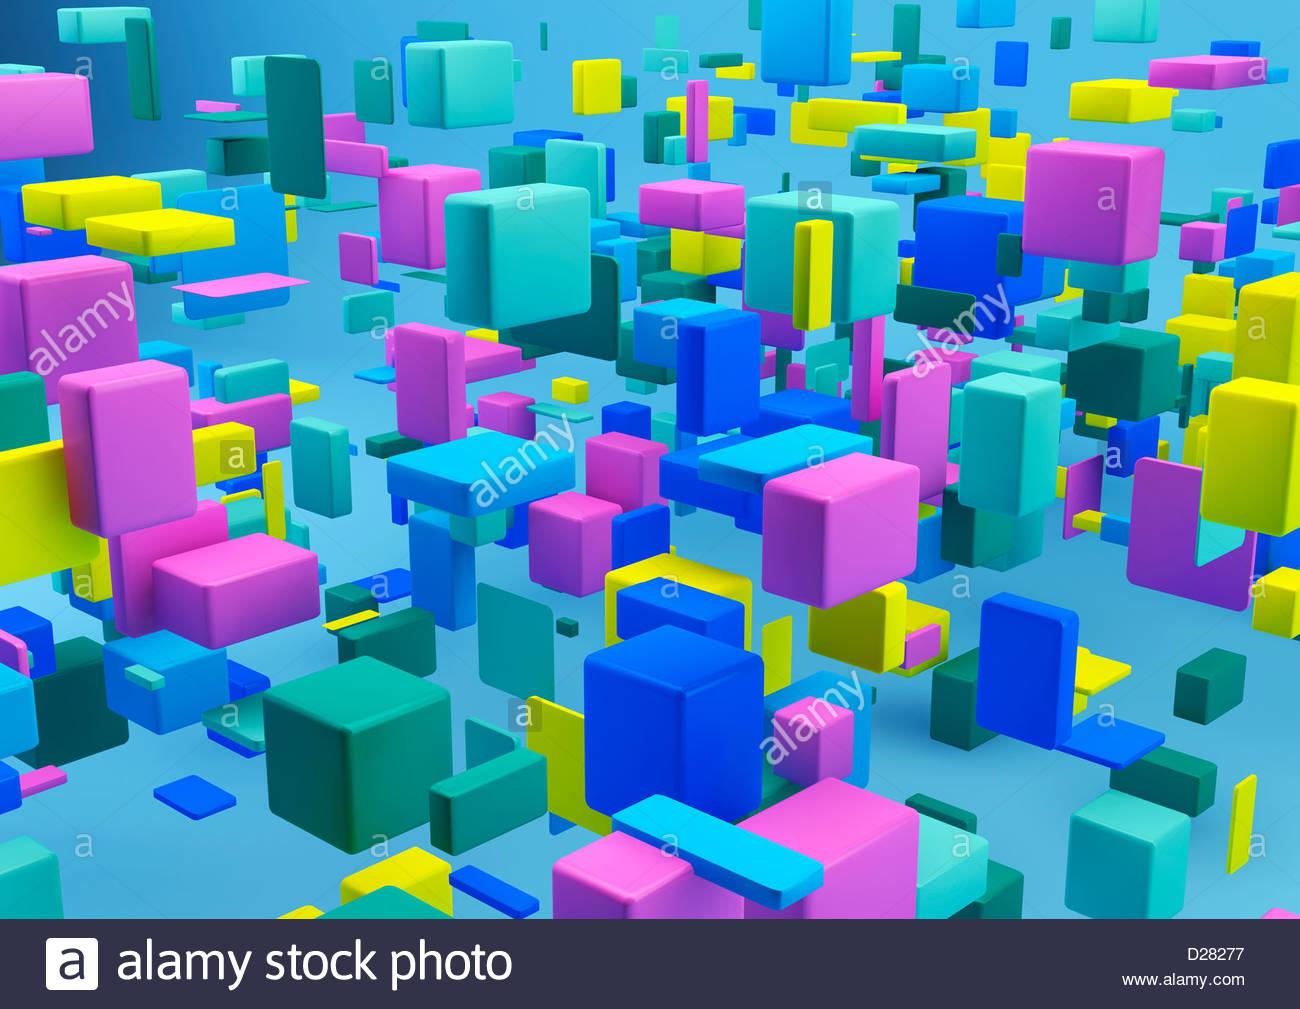 Disposizione astratta di cubetti multicolore su sfondo blu Immagini Stock